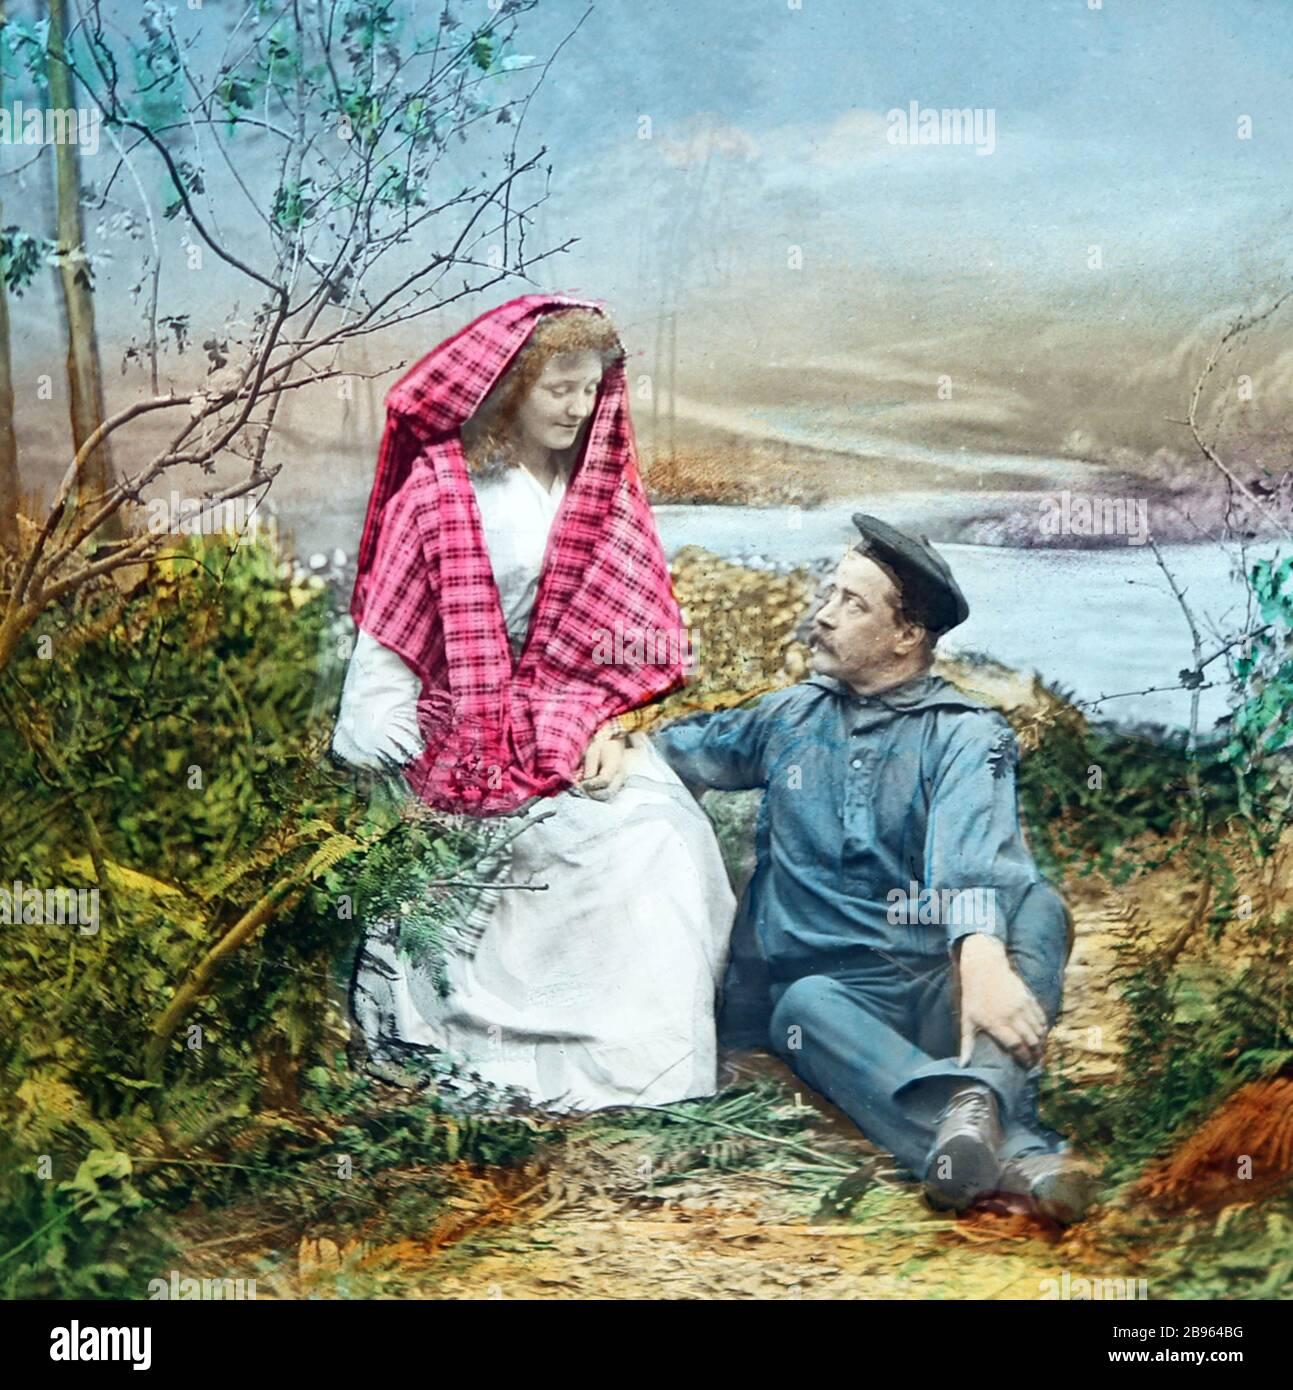 Une illustration victorienne de la chanson / poème 'Annie Laurie'. Il s'agit de l'image numéro 8. Il y a huit images au total, toutes sur Alay. Banque D'Images